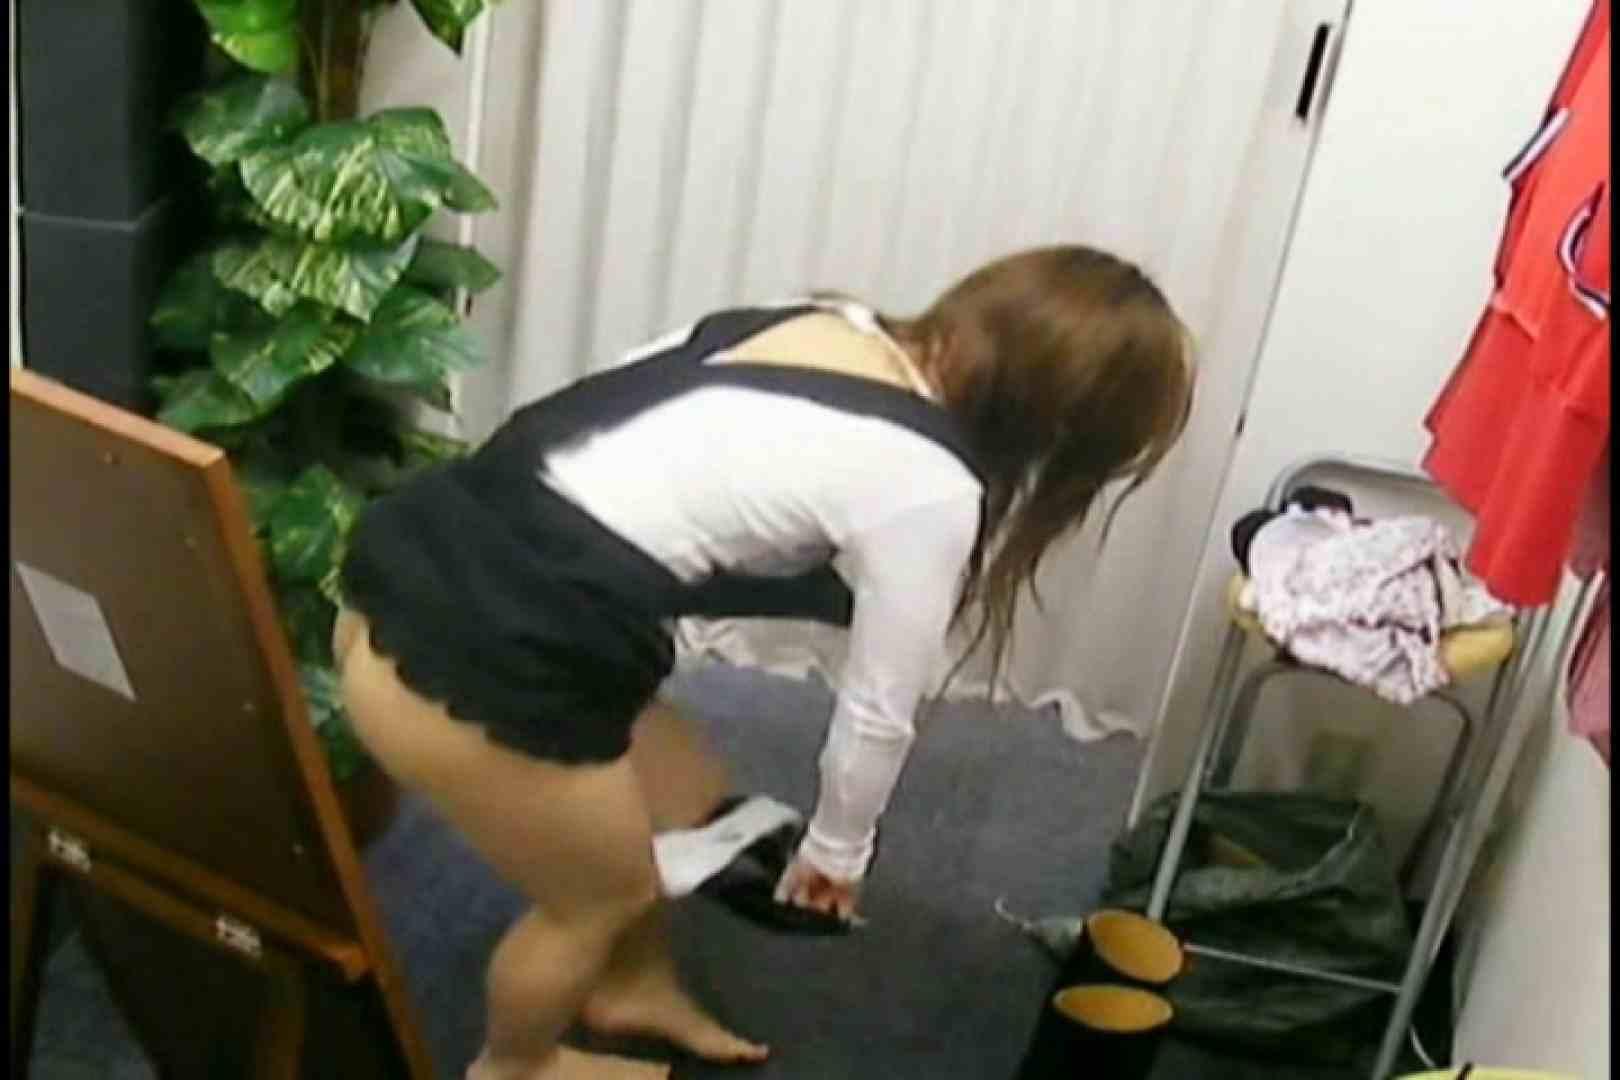 素人撮影 下着だけの撮影のはずが・・・ よしこ23歳 素人 アダルト動画キャプチャ 36連発 3